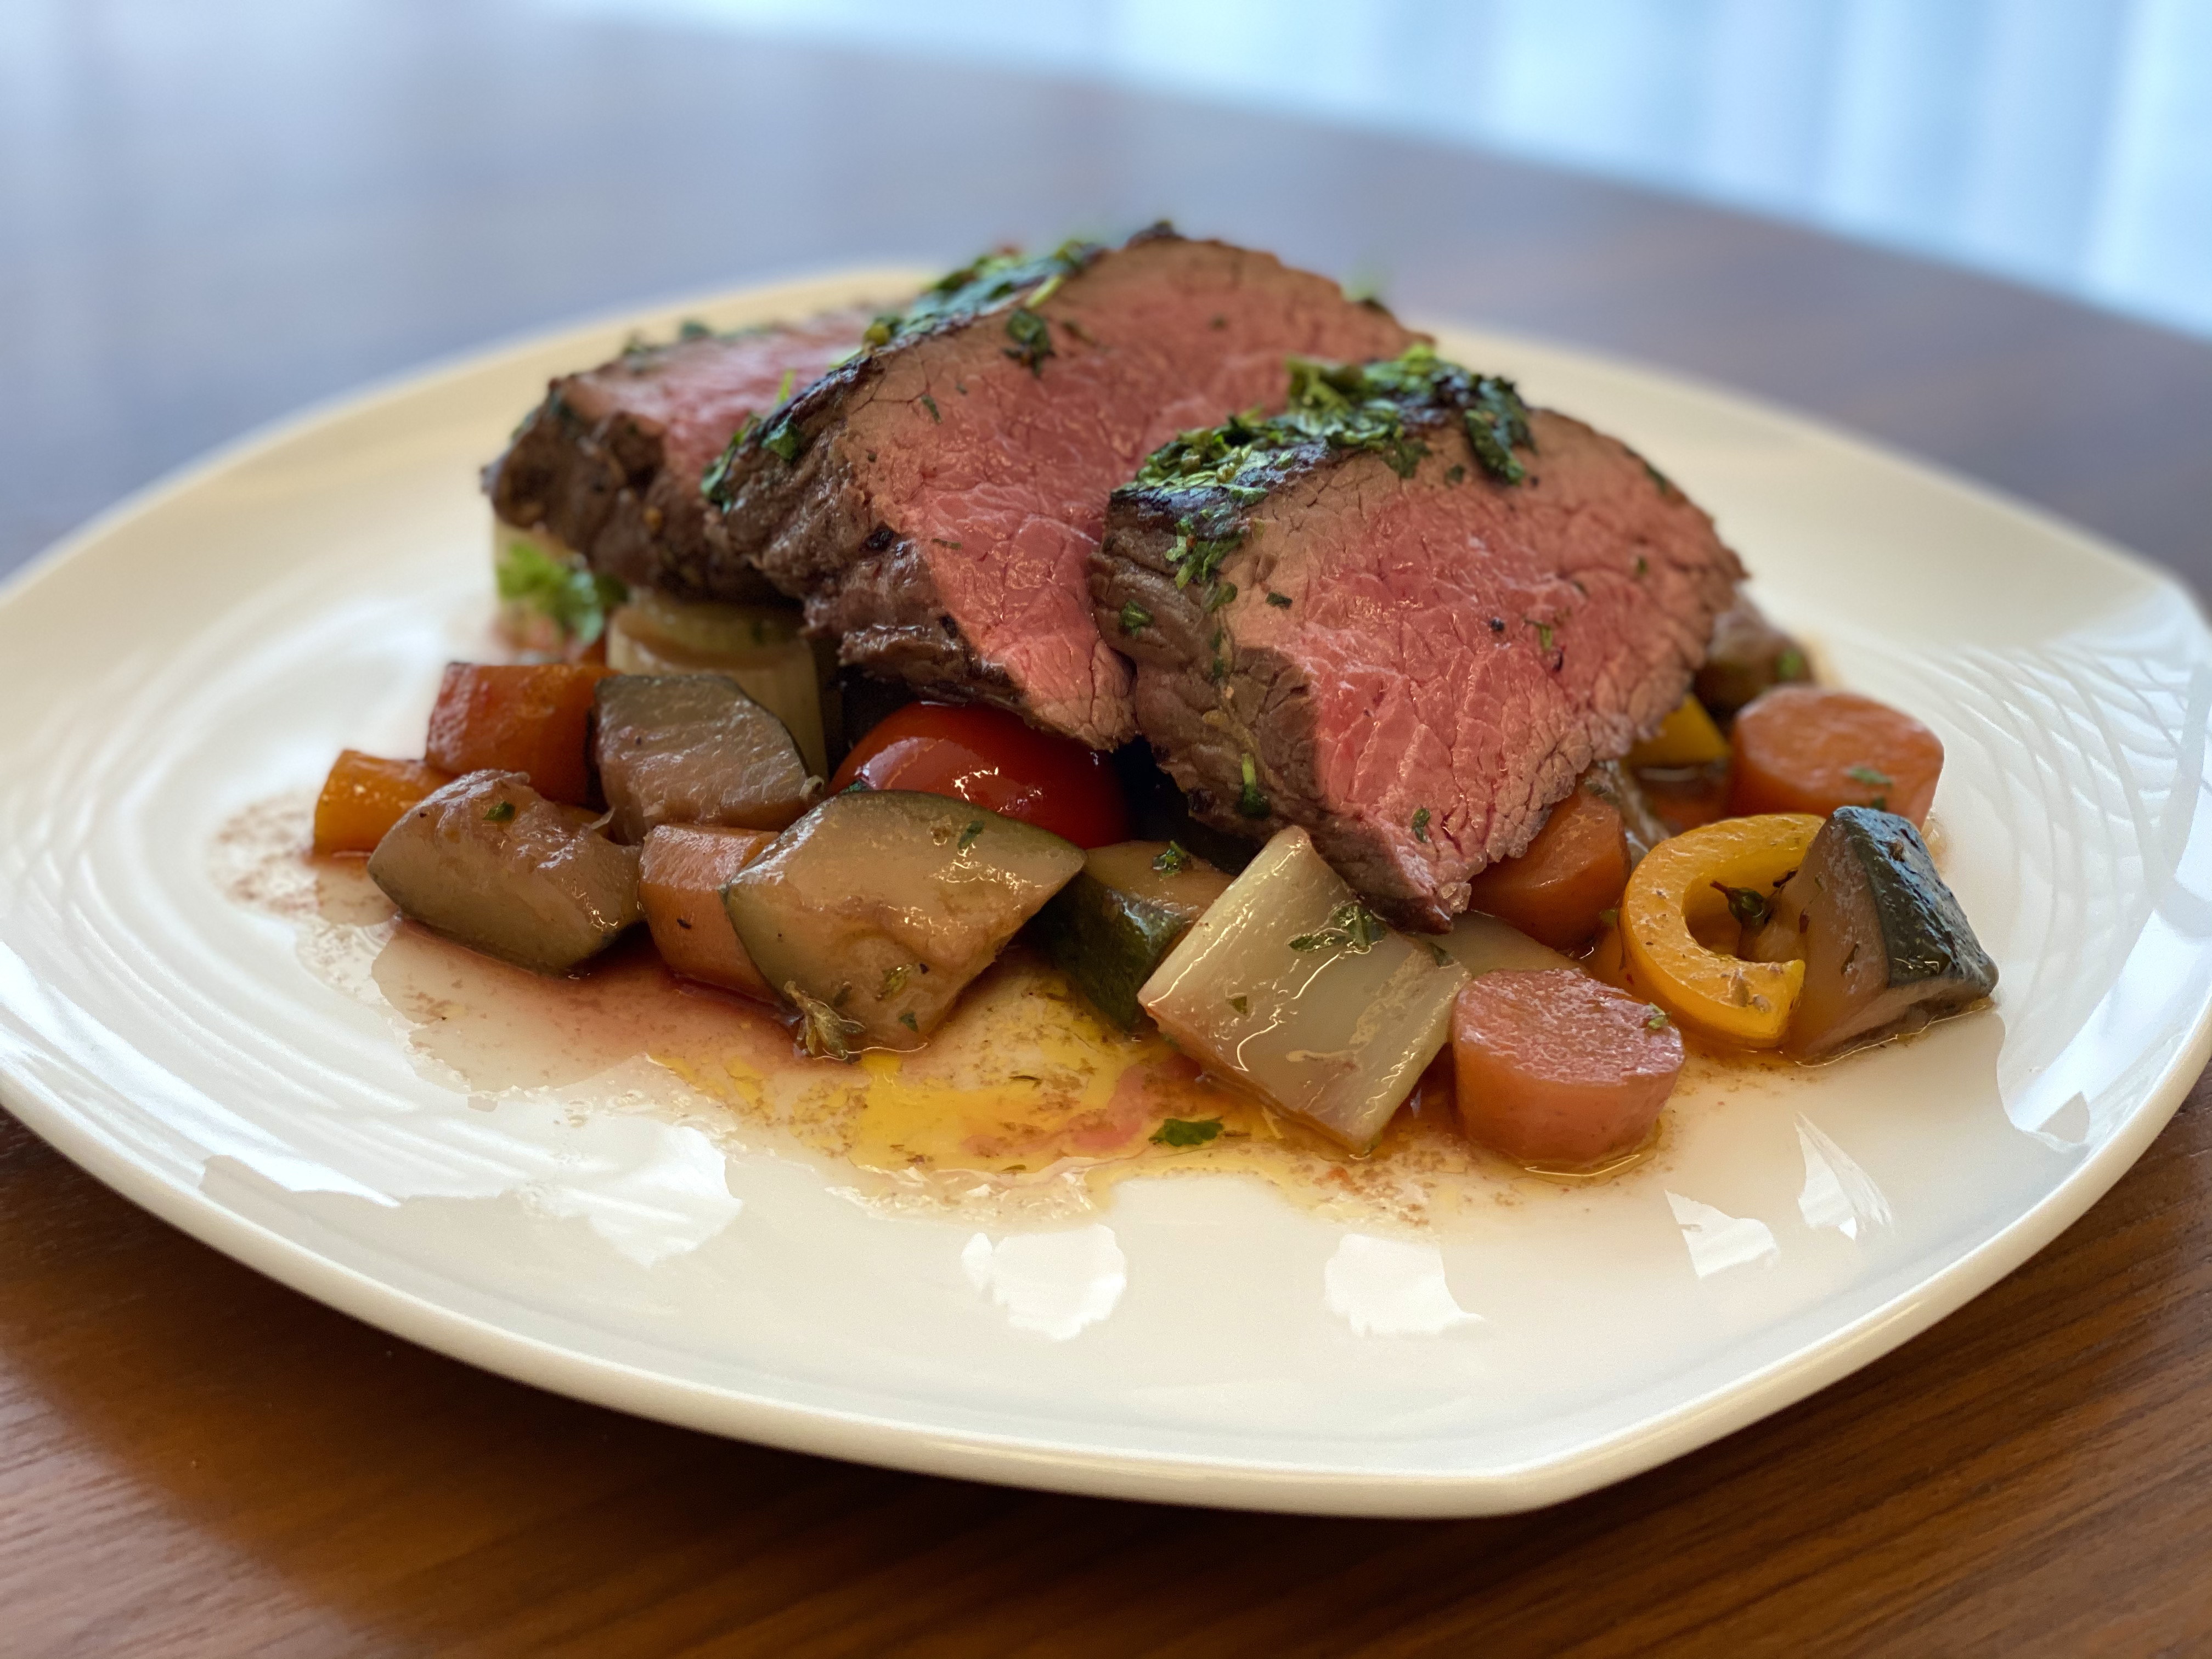 Steak z doubravického pštrosa na zelenině s vínem Merlot